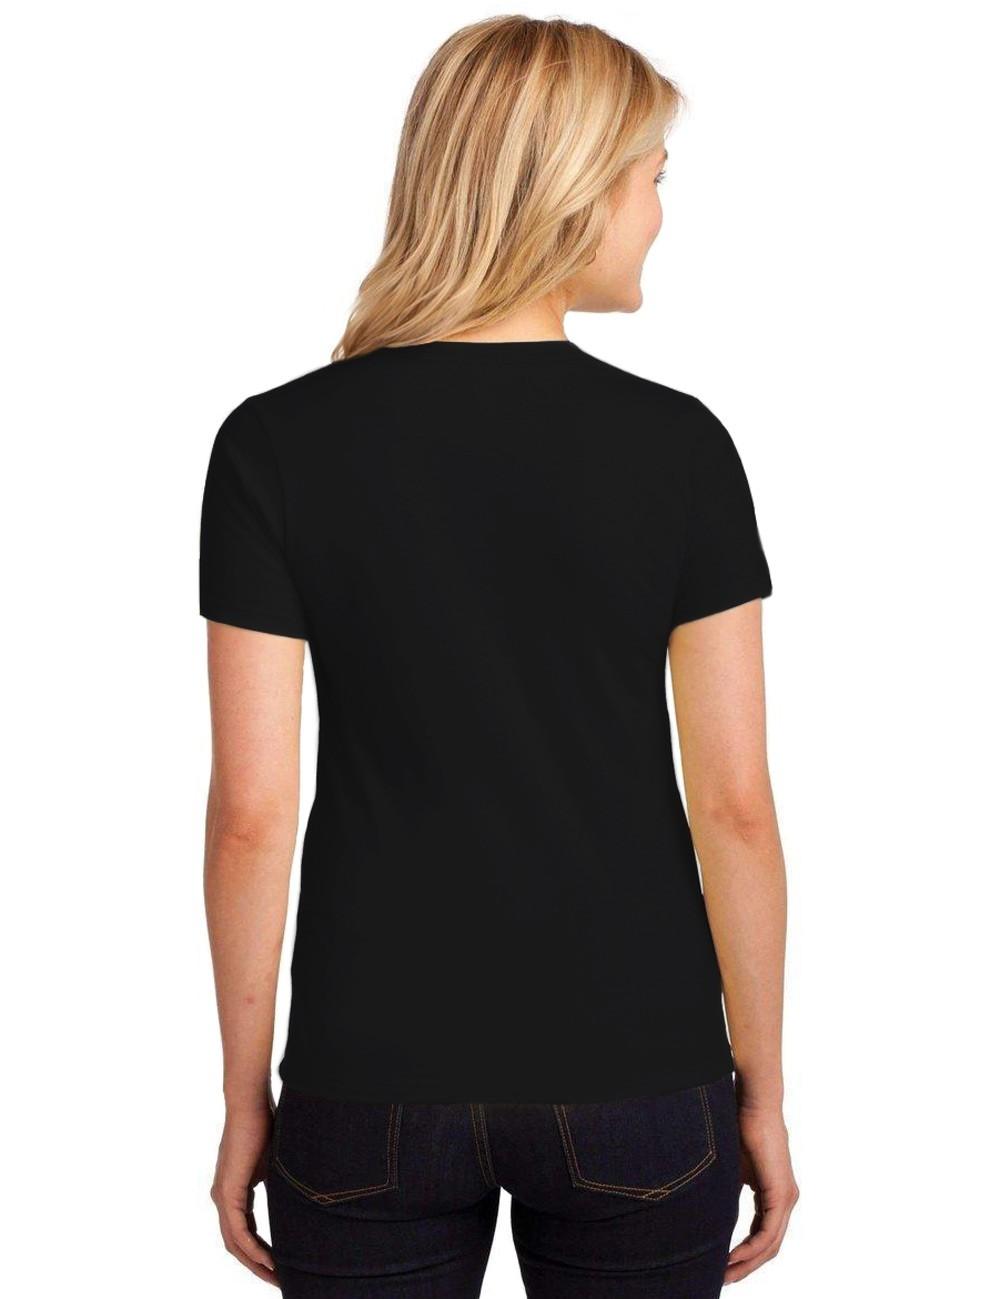 Camiseta Feminina T-Shirt Universitária Faculdade Publicidade e Propaganda